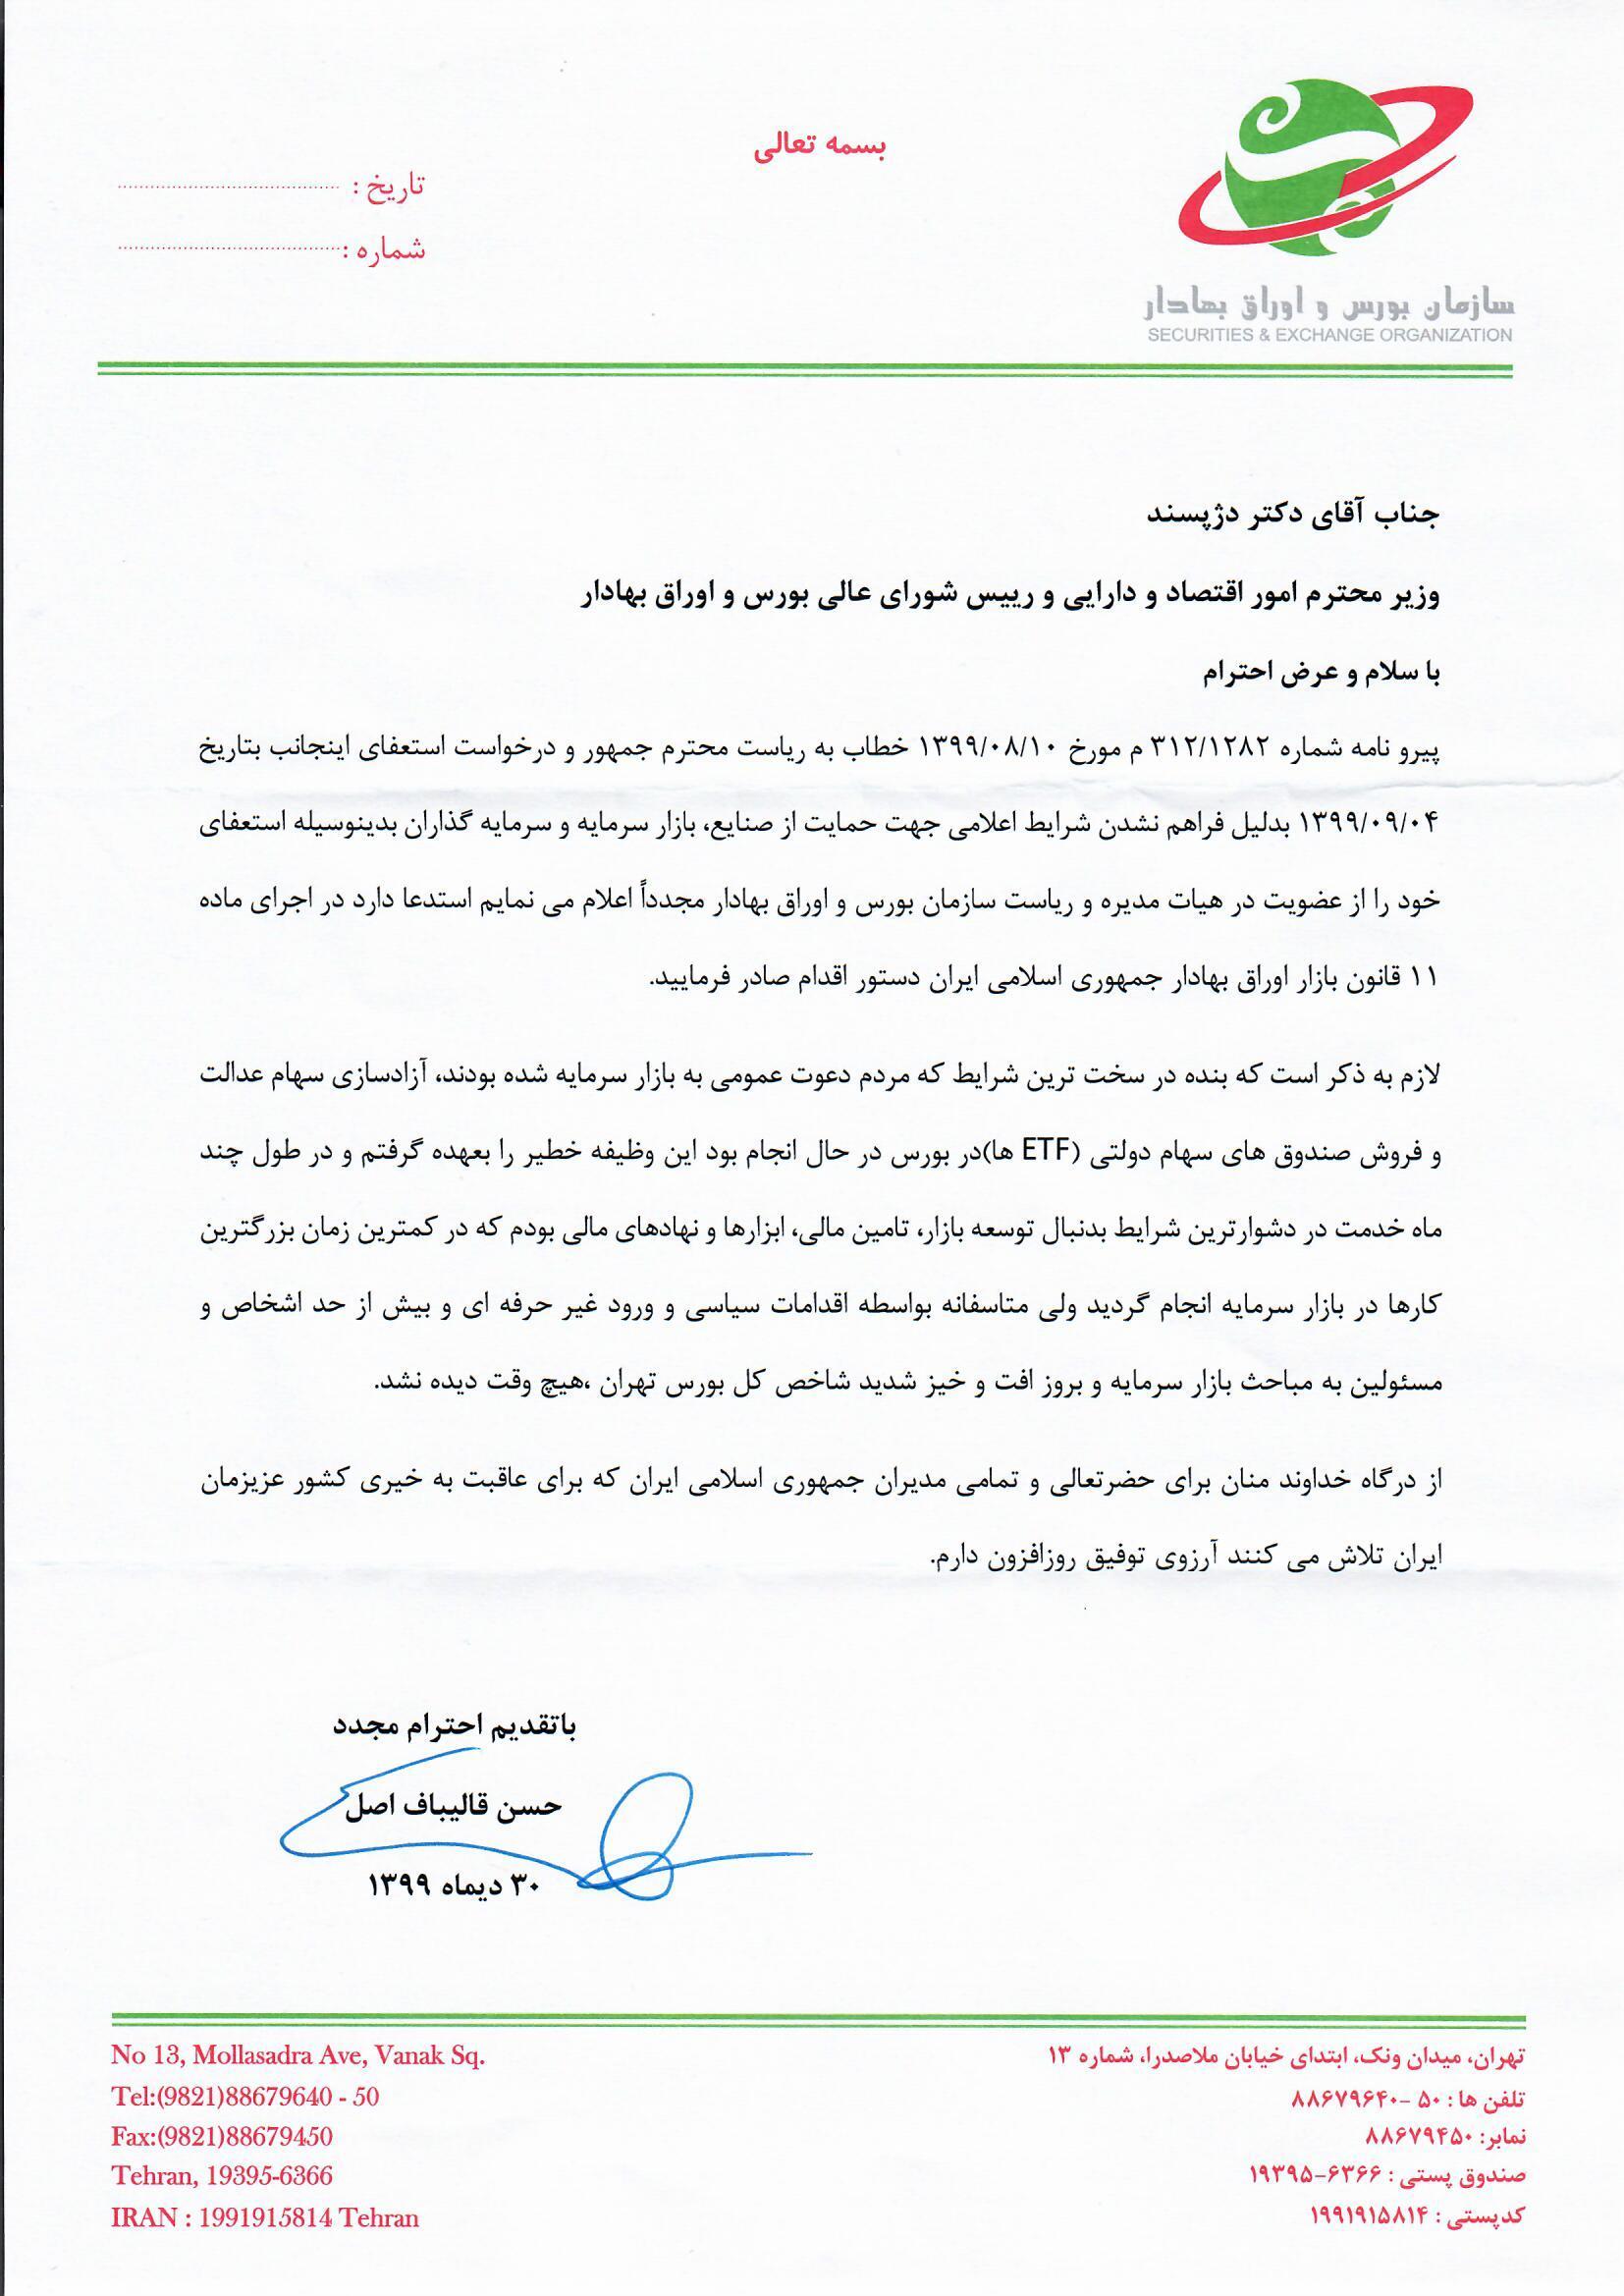 فوری/ رییس سازمان بورس استعفا داد + متن استعفا